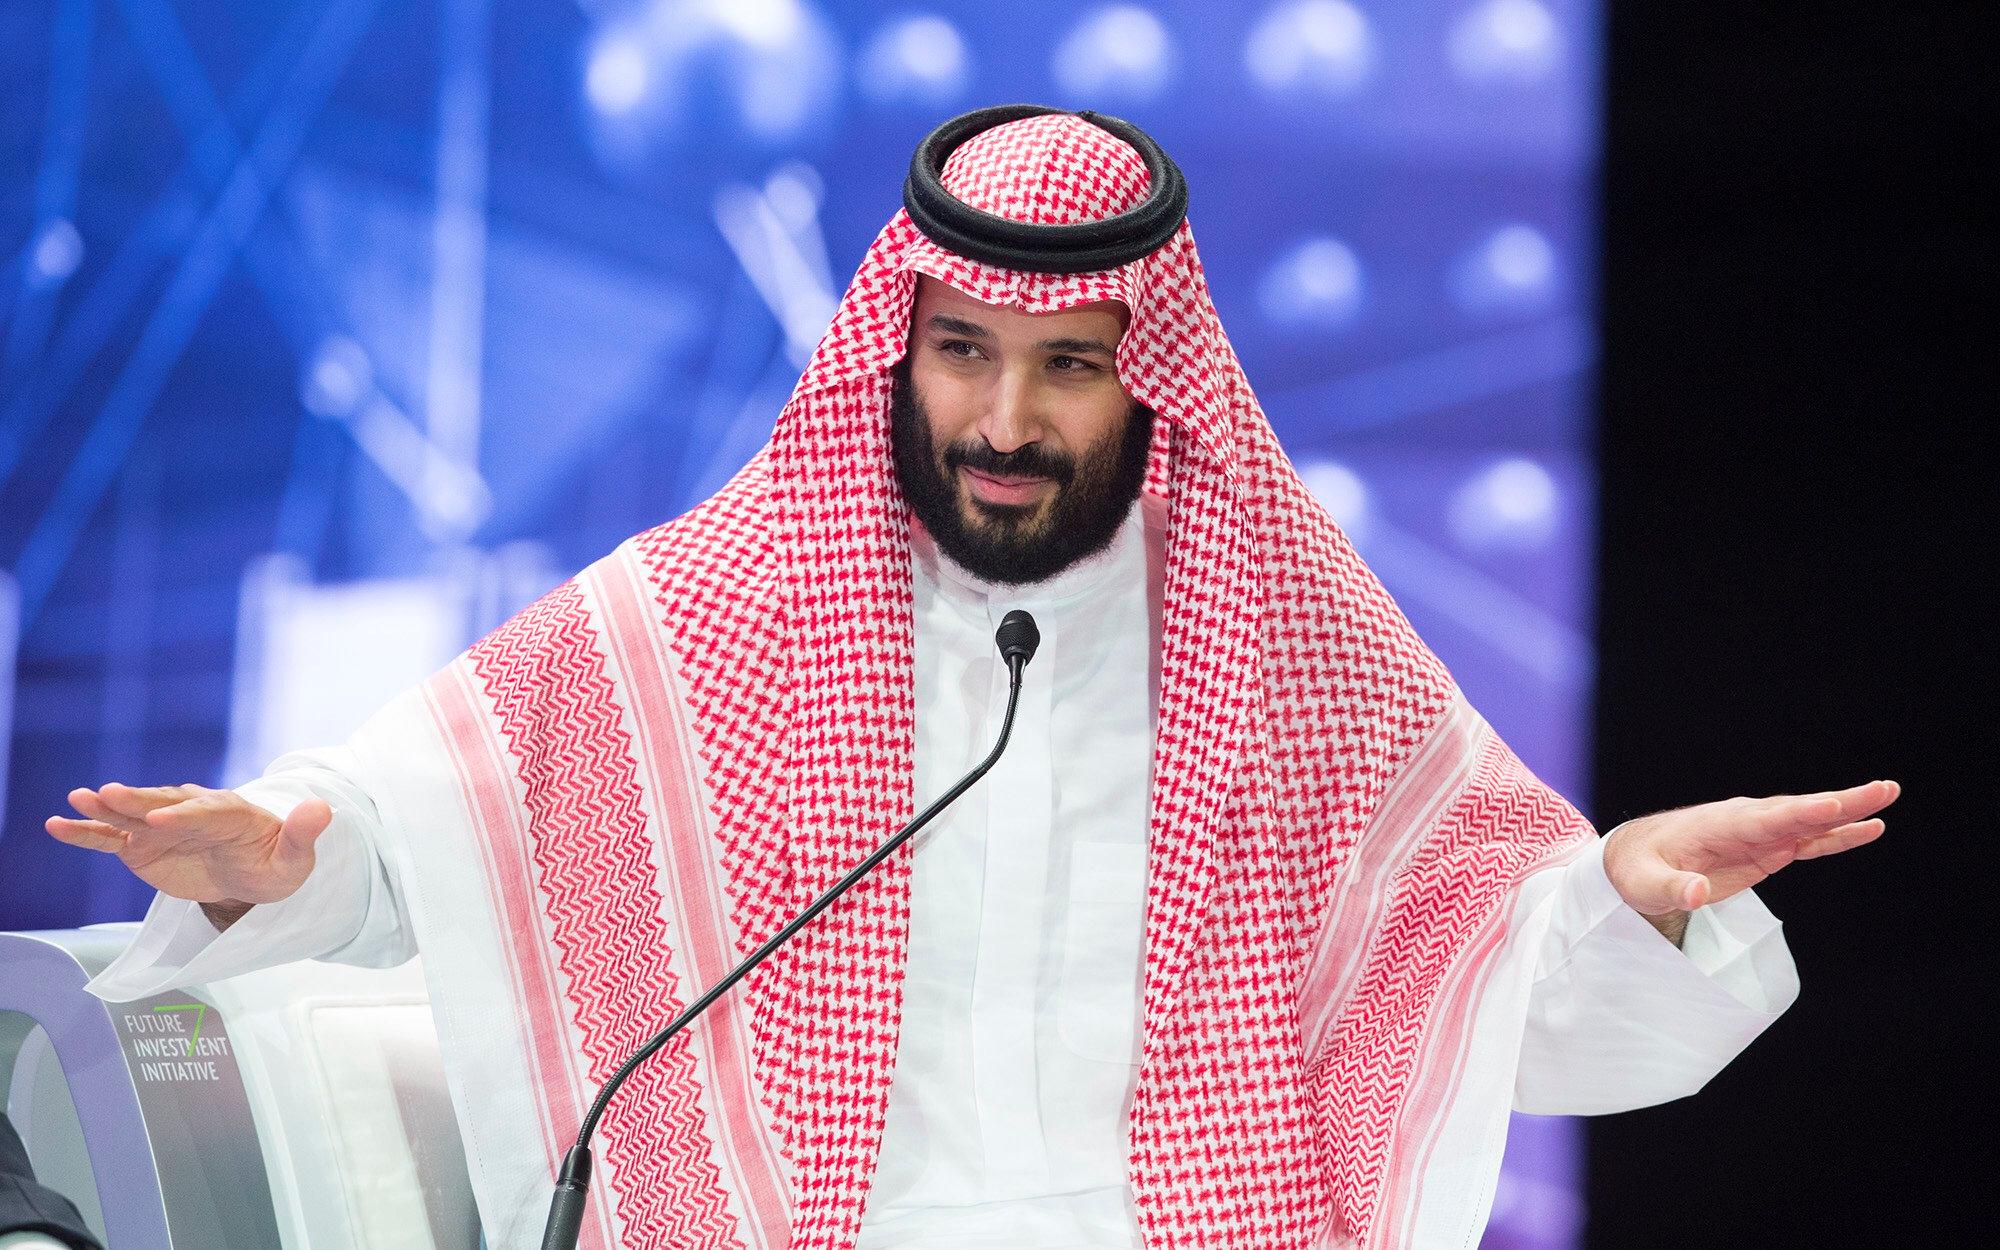 صورة قرار سعودي يمنح ولي العهد منصبًا جديدًا